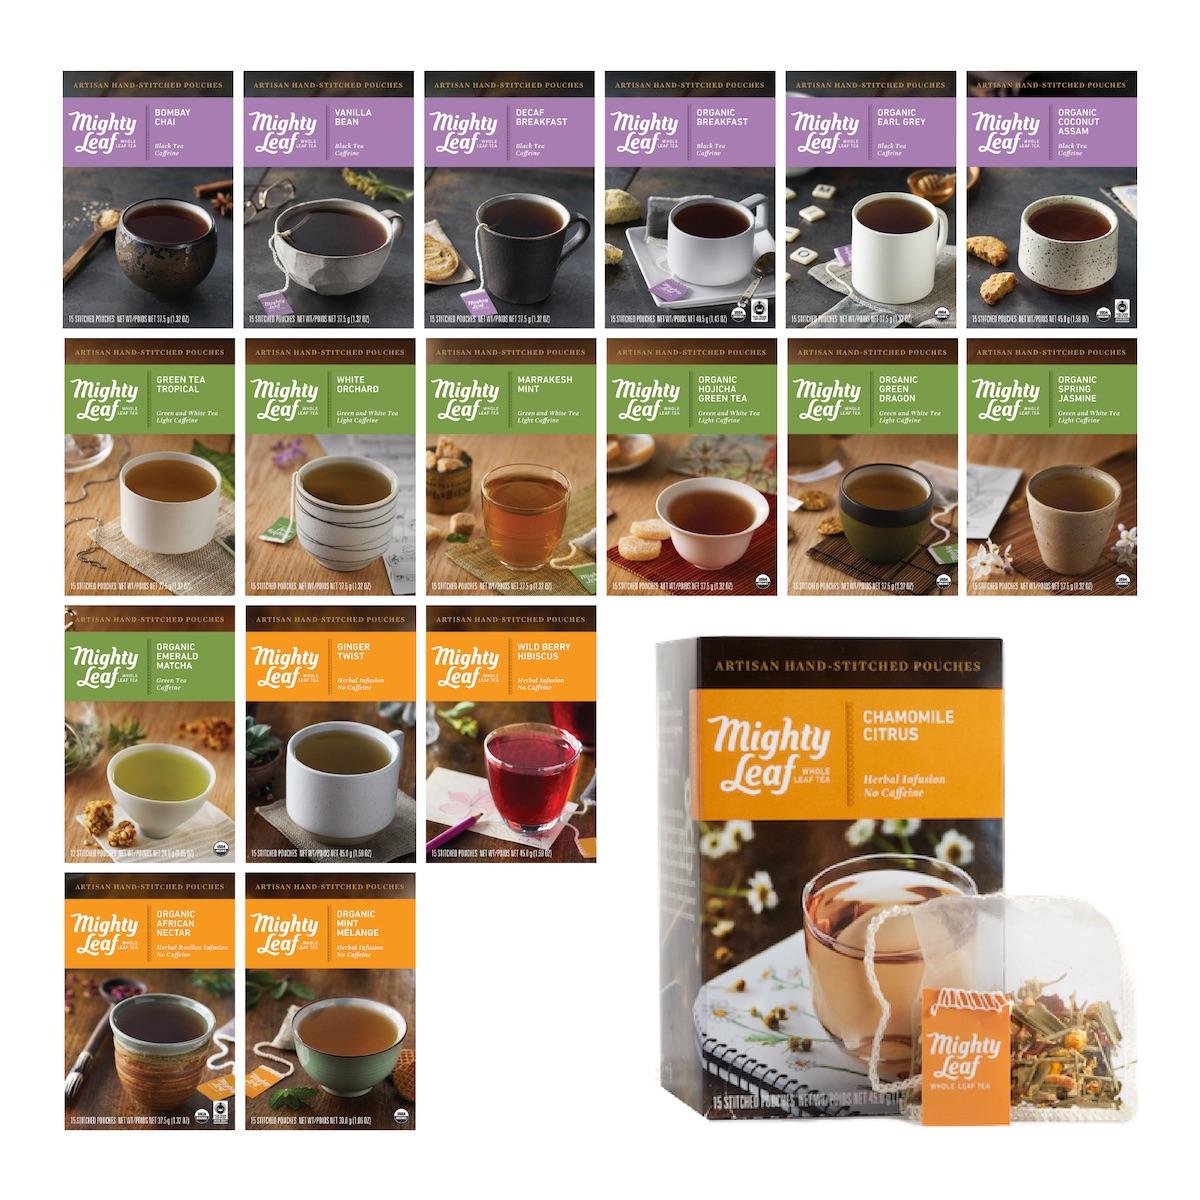 マスターティーパウチセット(専用クーポン付)マイティーリーフ オーガニック 紅茶 緑茶 ハーブティー ギフト 送料無料